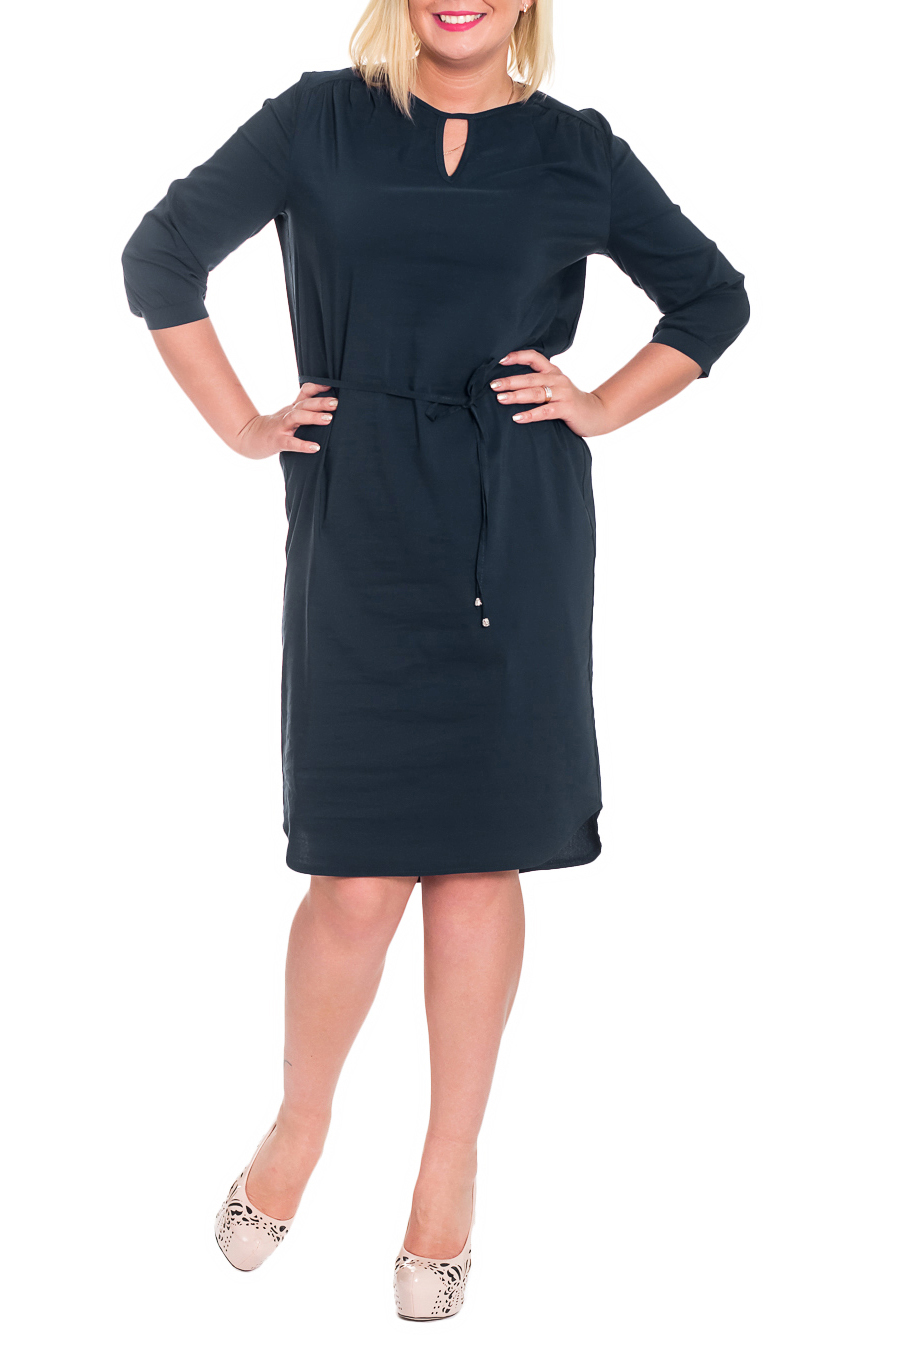 ПлатьеПлатья<br>Элегантное и изысканное платье, которое подойдет любому типу фигуры, выполненное из приятного телу материала.  Платье прямого силуэта со съемным поясом кулиской и фигурным низом. Кокетки со сборками на передней и задней частях изделия. На спинке средний шов. Горловина и капелька окантованы. Рукав втачной, 3/4, с притачной манжетой.  Цвет: полуночный темно-синий.  Длина рукава - 44 ± 1 см  Рост девушки-фотомодели 170 см  Длина изделия - 109 ± 2 см<br><br>Горловина: С- горловина<br>По длине: Ниже колена<br>По материалу: Тканевые<br>По рисунку: Однотонные<br>По сезону: Лето,Осень,Весна<br>По силуэту: Прямые<br>По стилю: Кэжуал,Офисный стиль,Повседневный стиль<br>По элементам: С декором,С манжетами,С поясом,С фигурным низом,Со складками<br>Рукав: Рукав три четверти<br>Размер : 46,48<br>Материал: Блузочная ткань<br>Количество в наличии: 7